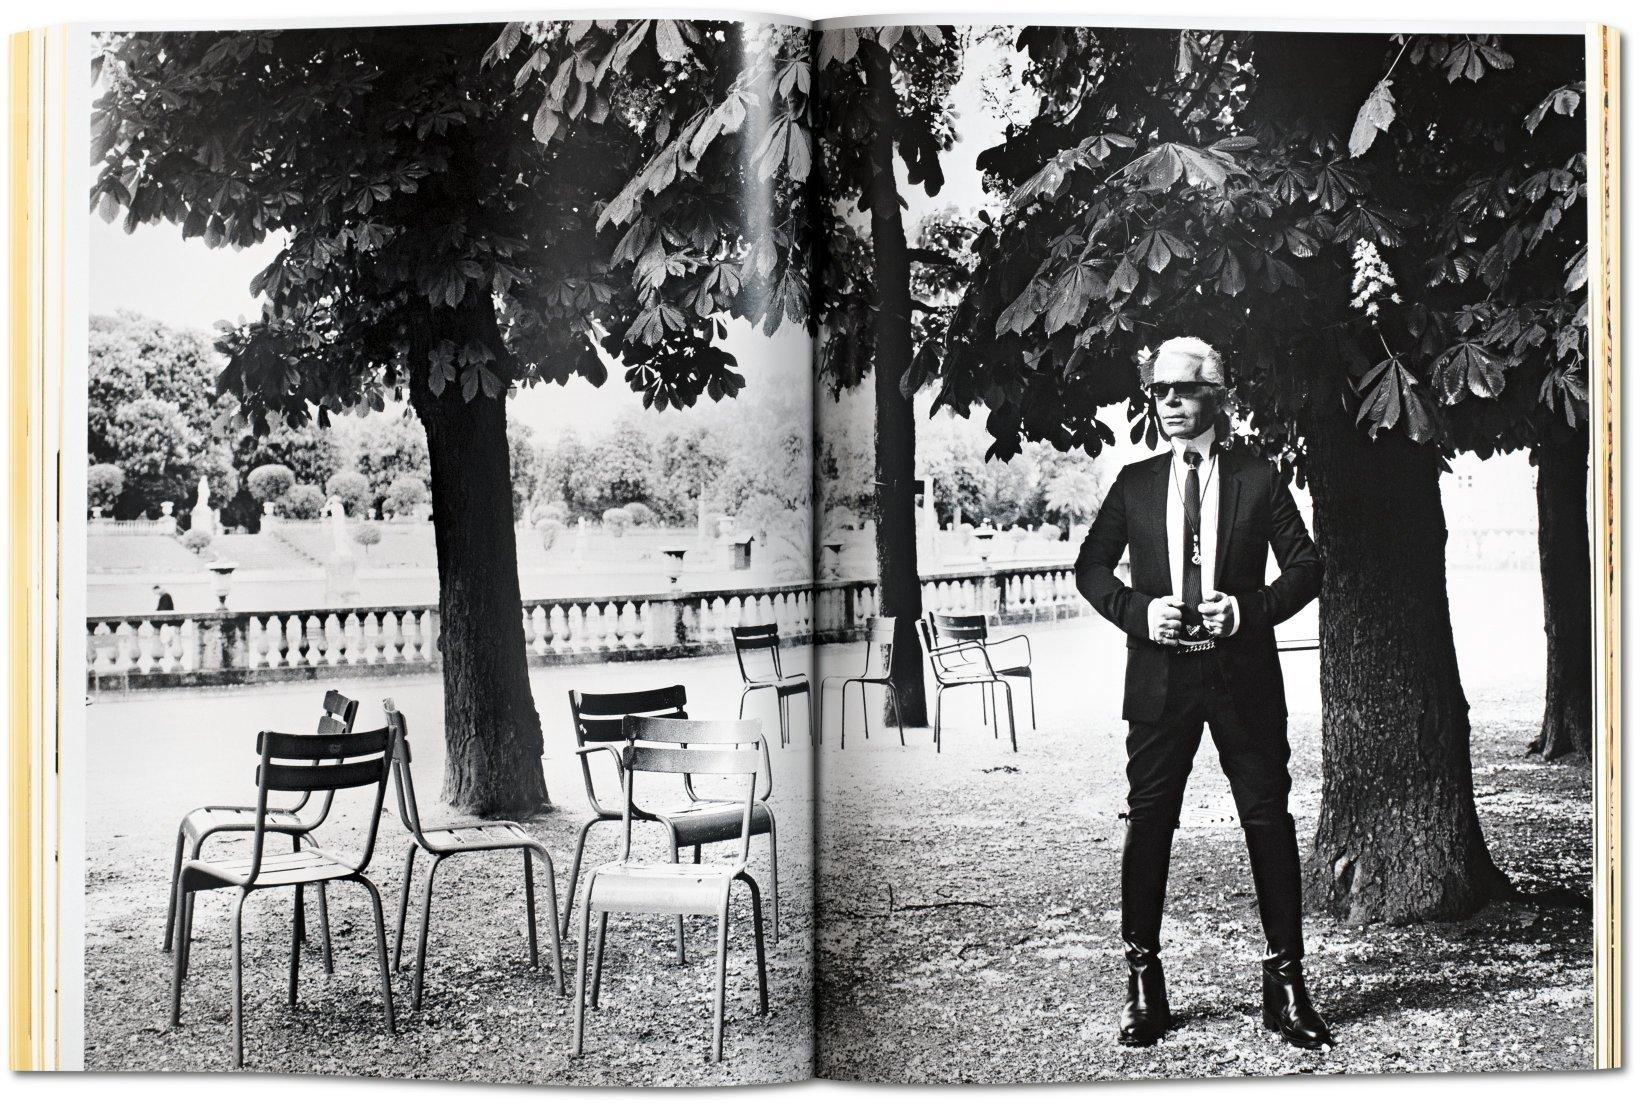 Taschen Mario Testino sir livre mode homme fashion photographie